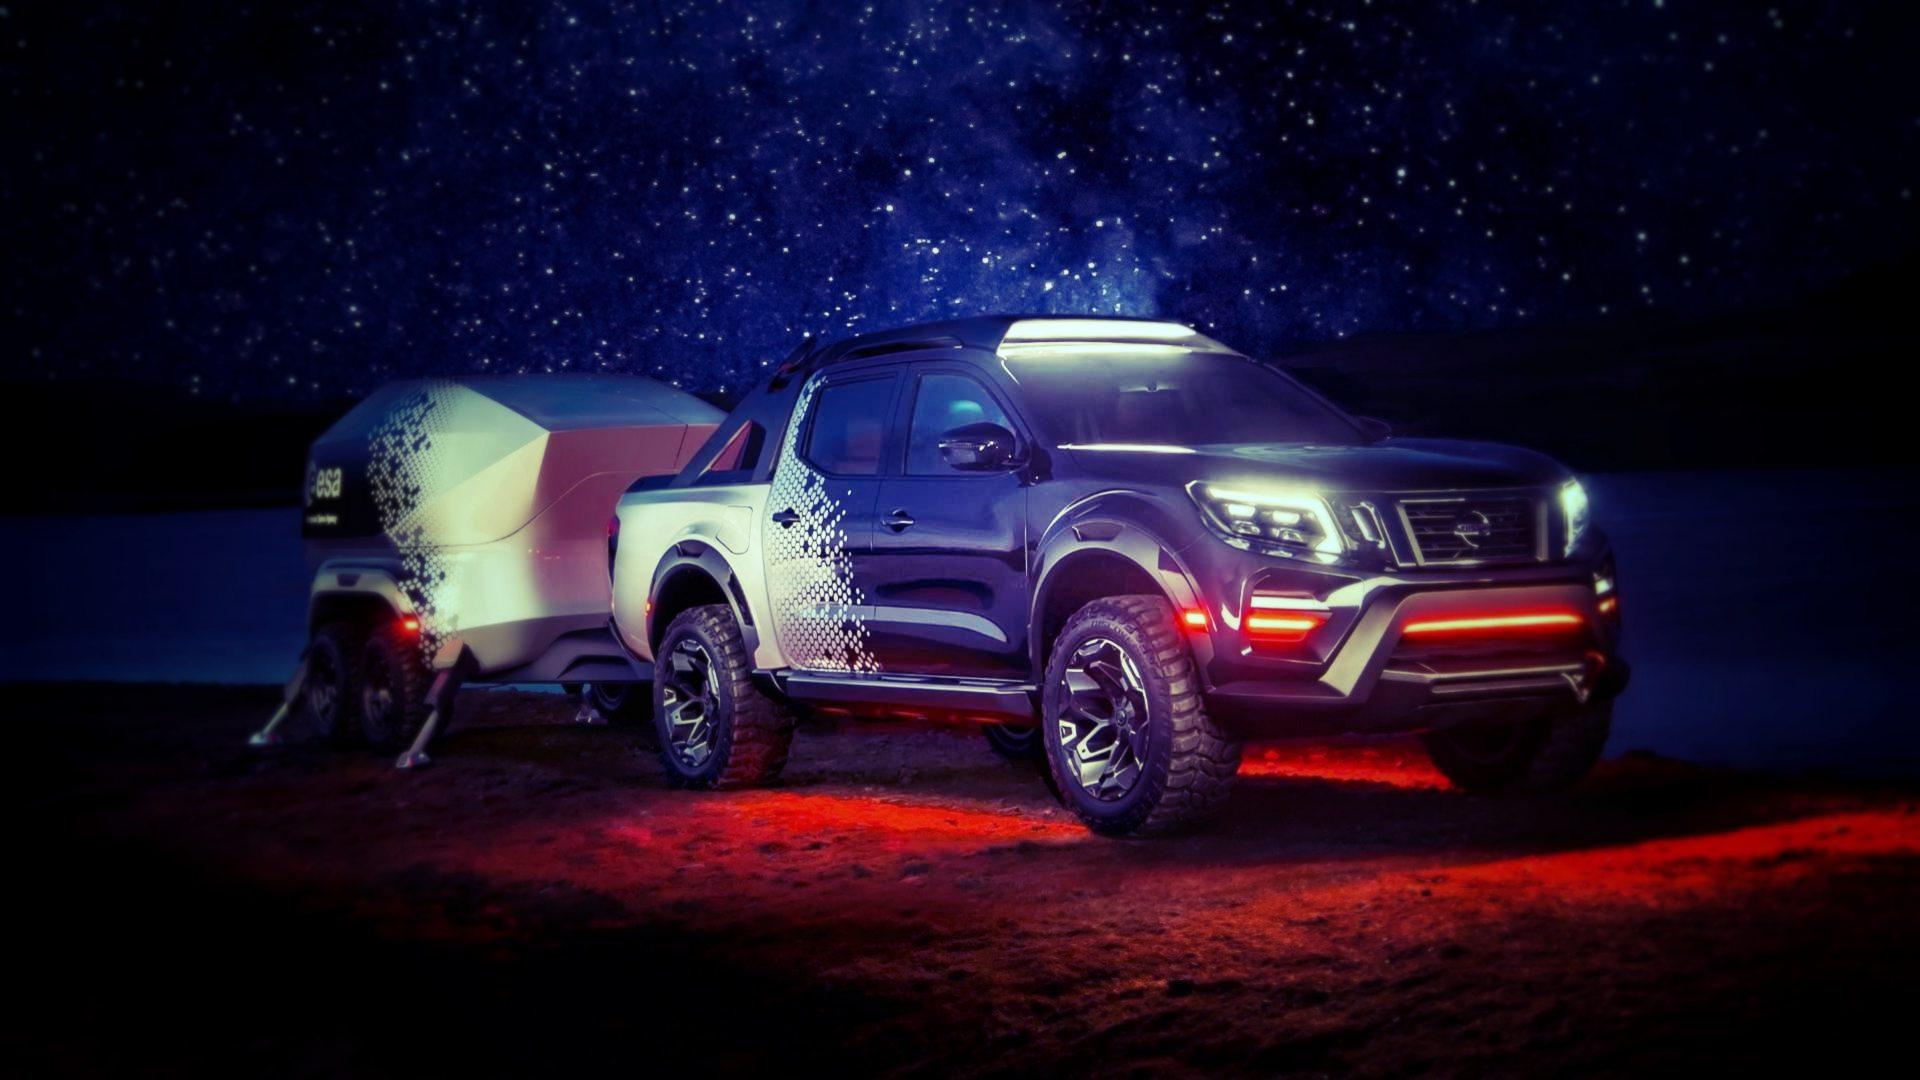 Nissan Navara Dark Sky: ближе к звездам. Новый блестящий концепт